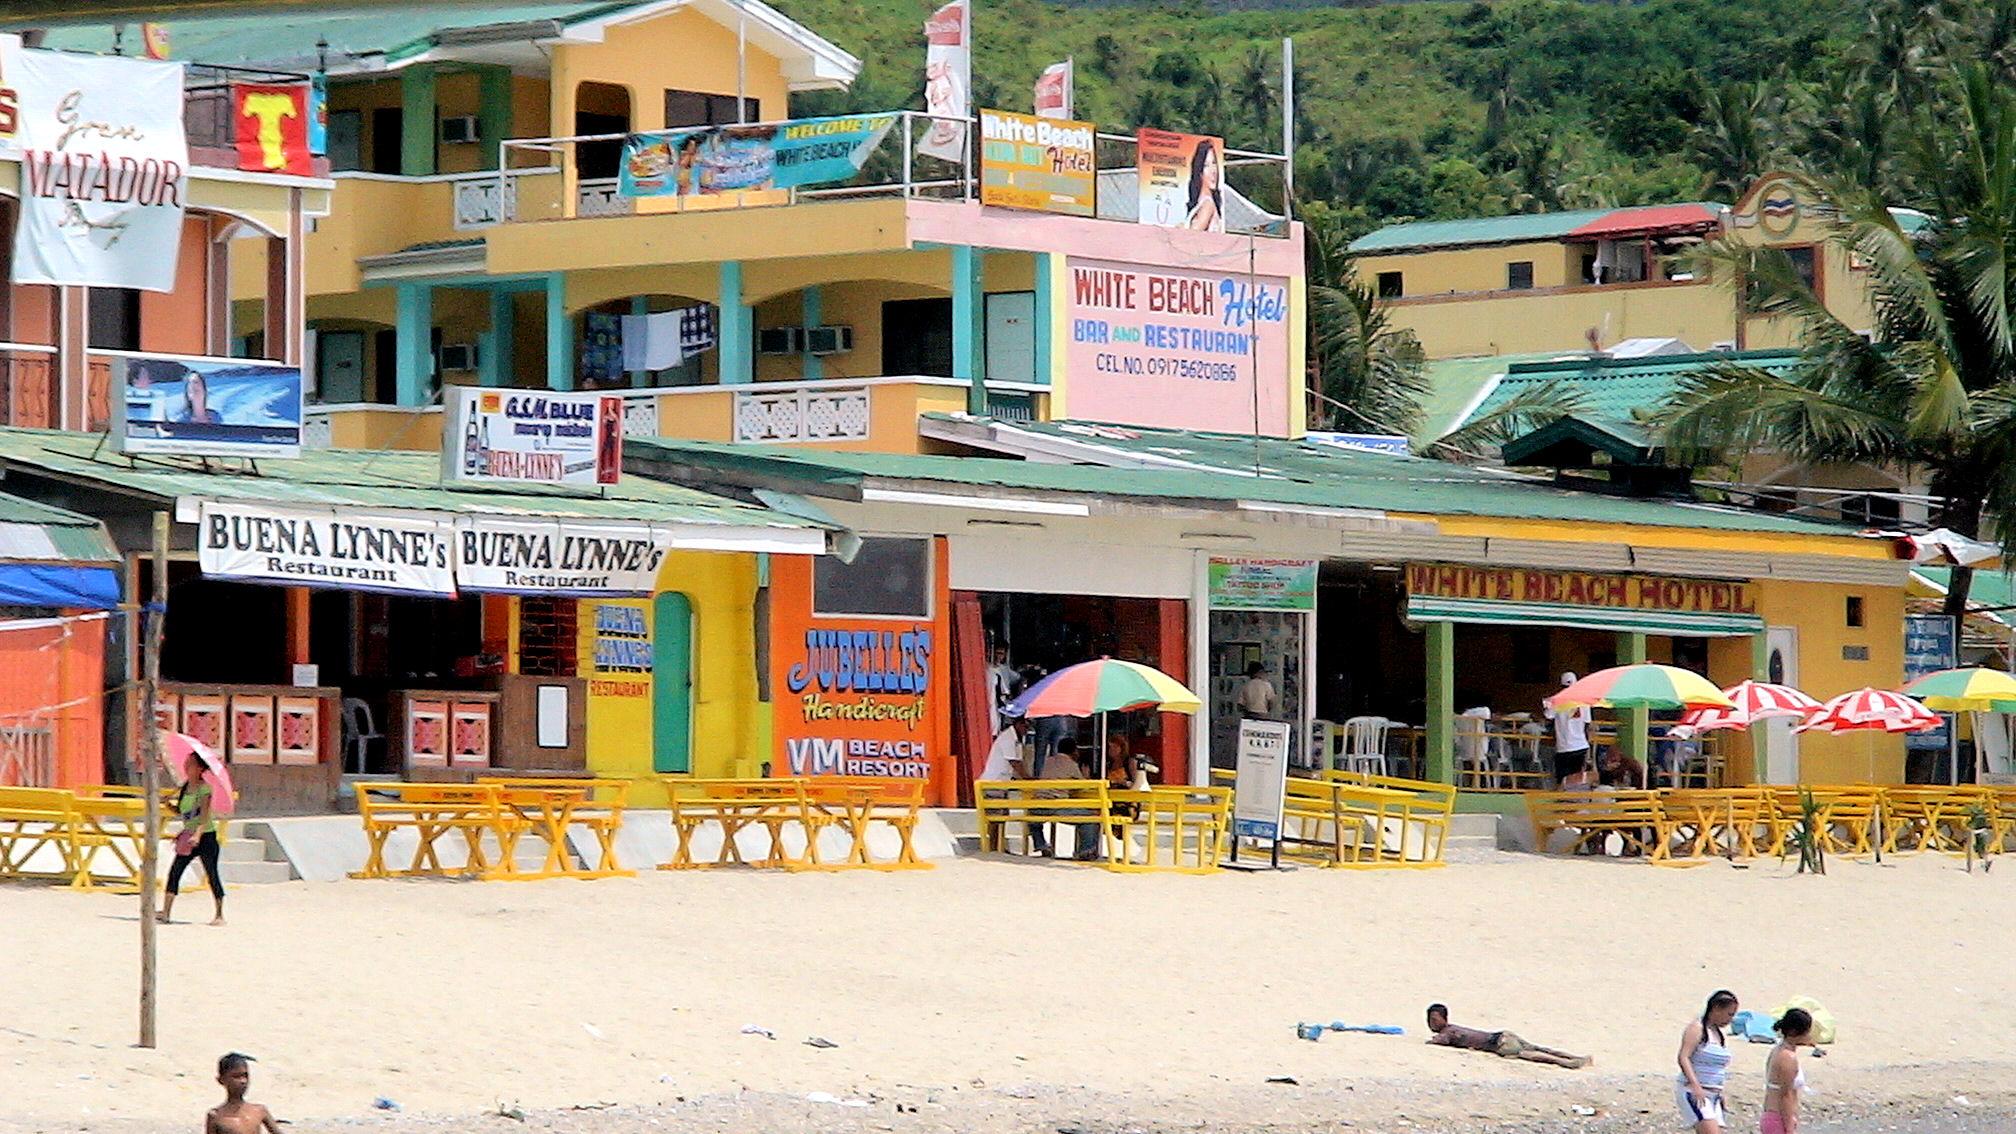 file:white beach hotel, puerto galera - panoramio - wikimedia